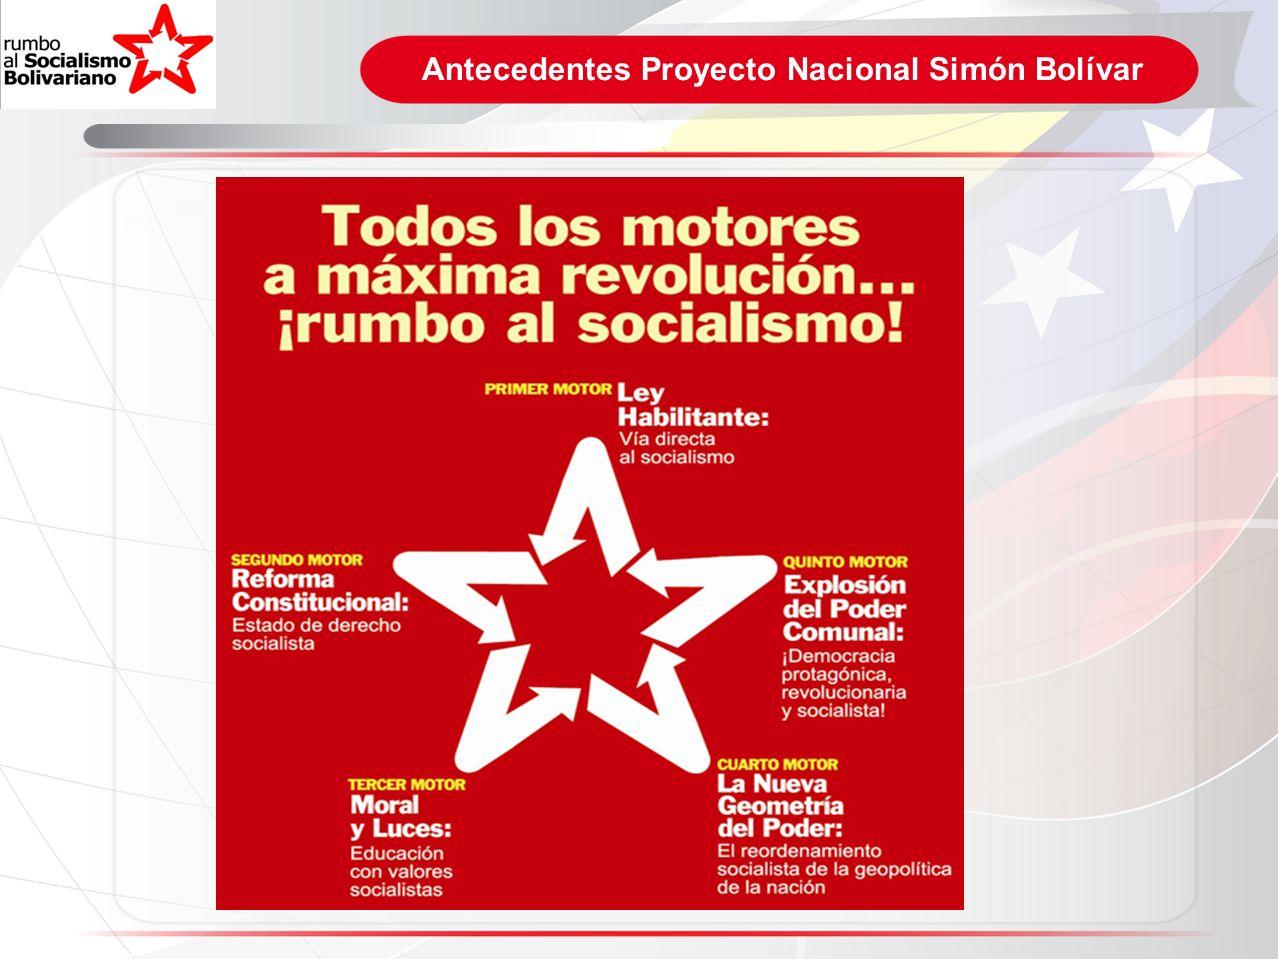 Proyecto Nacional Simón Bolívar Venezuela: Potencia Energética Mundial El petróleo continuará siendo decisivo para la captación de recursos del exterior, la generación de inversiones productivas internas, la satisfacción de las propias necesidades de energía y la consolidación del Modelo Productivo Socialista